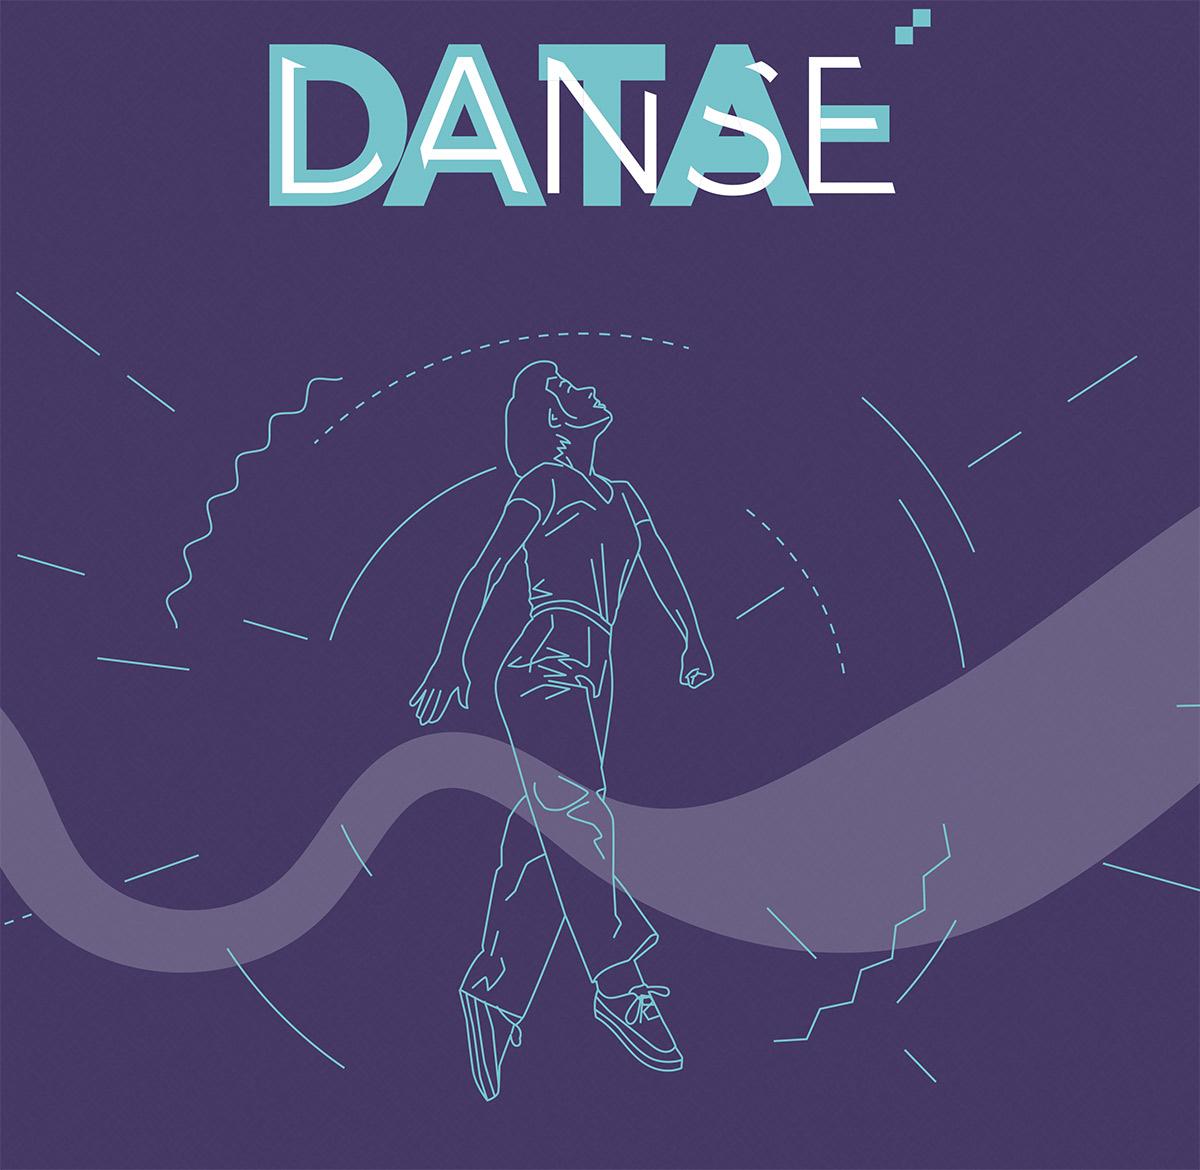 plaquette_data-danse-web-01-1